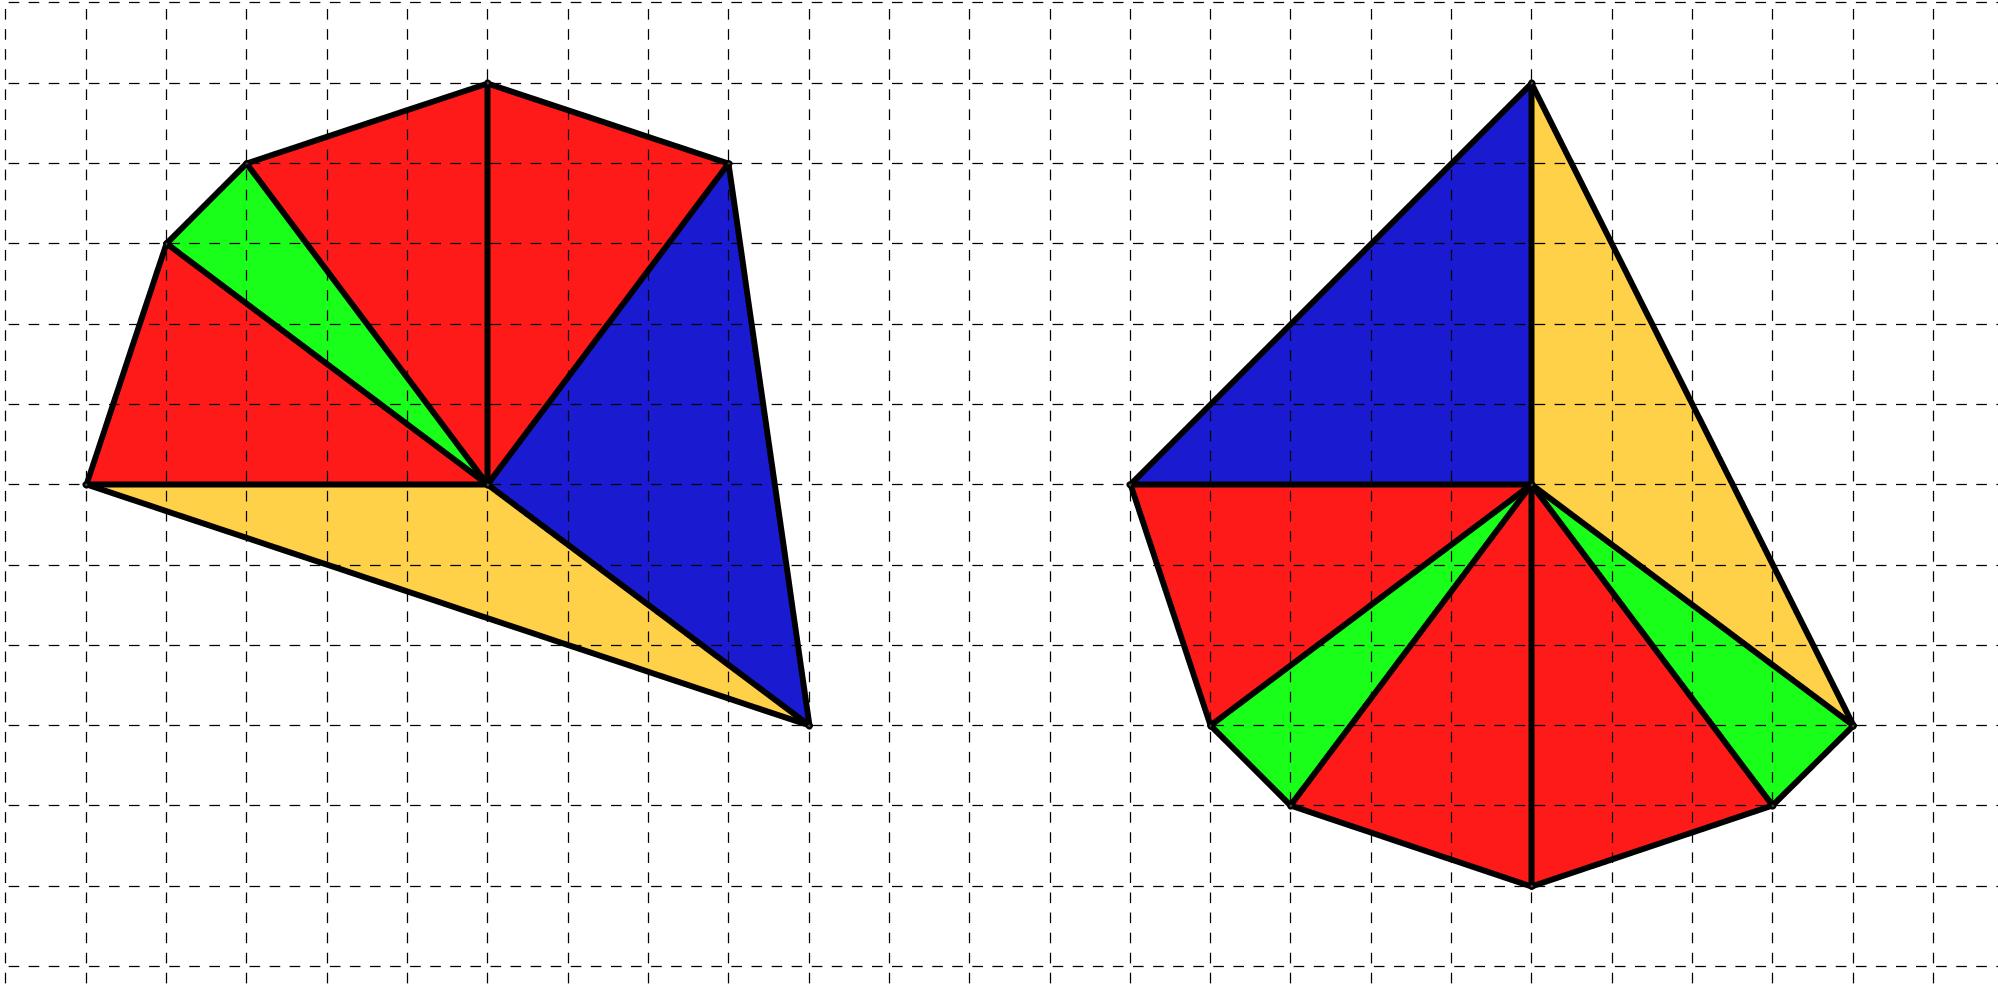 Disegni formati accostando triangoli isosceli, disegnata su carta quadrettata, con due lati lunghi 5 quadretti